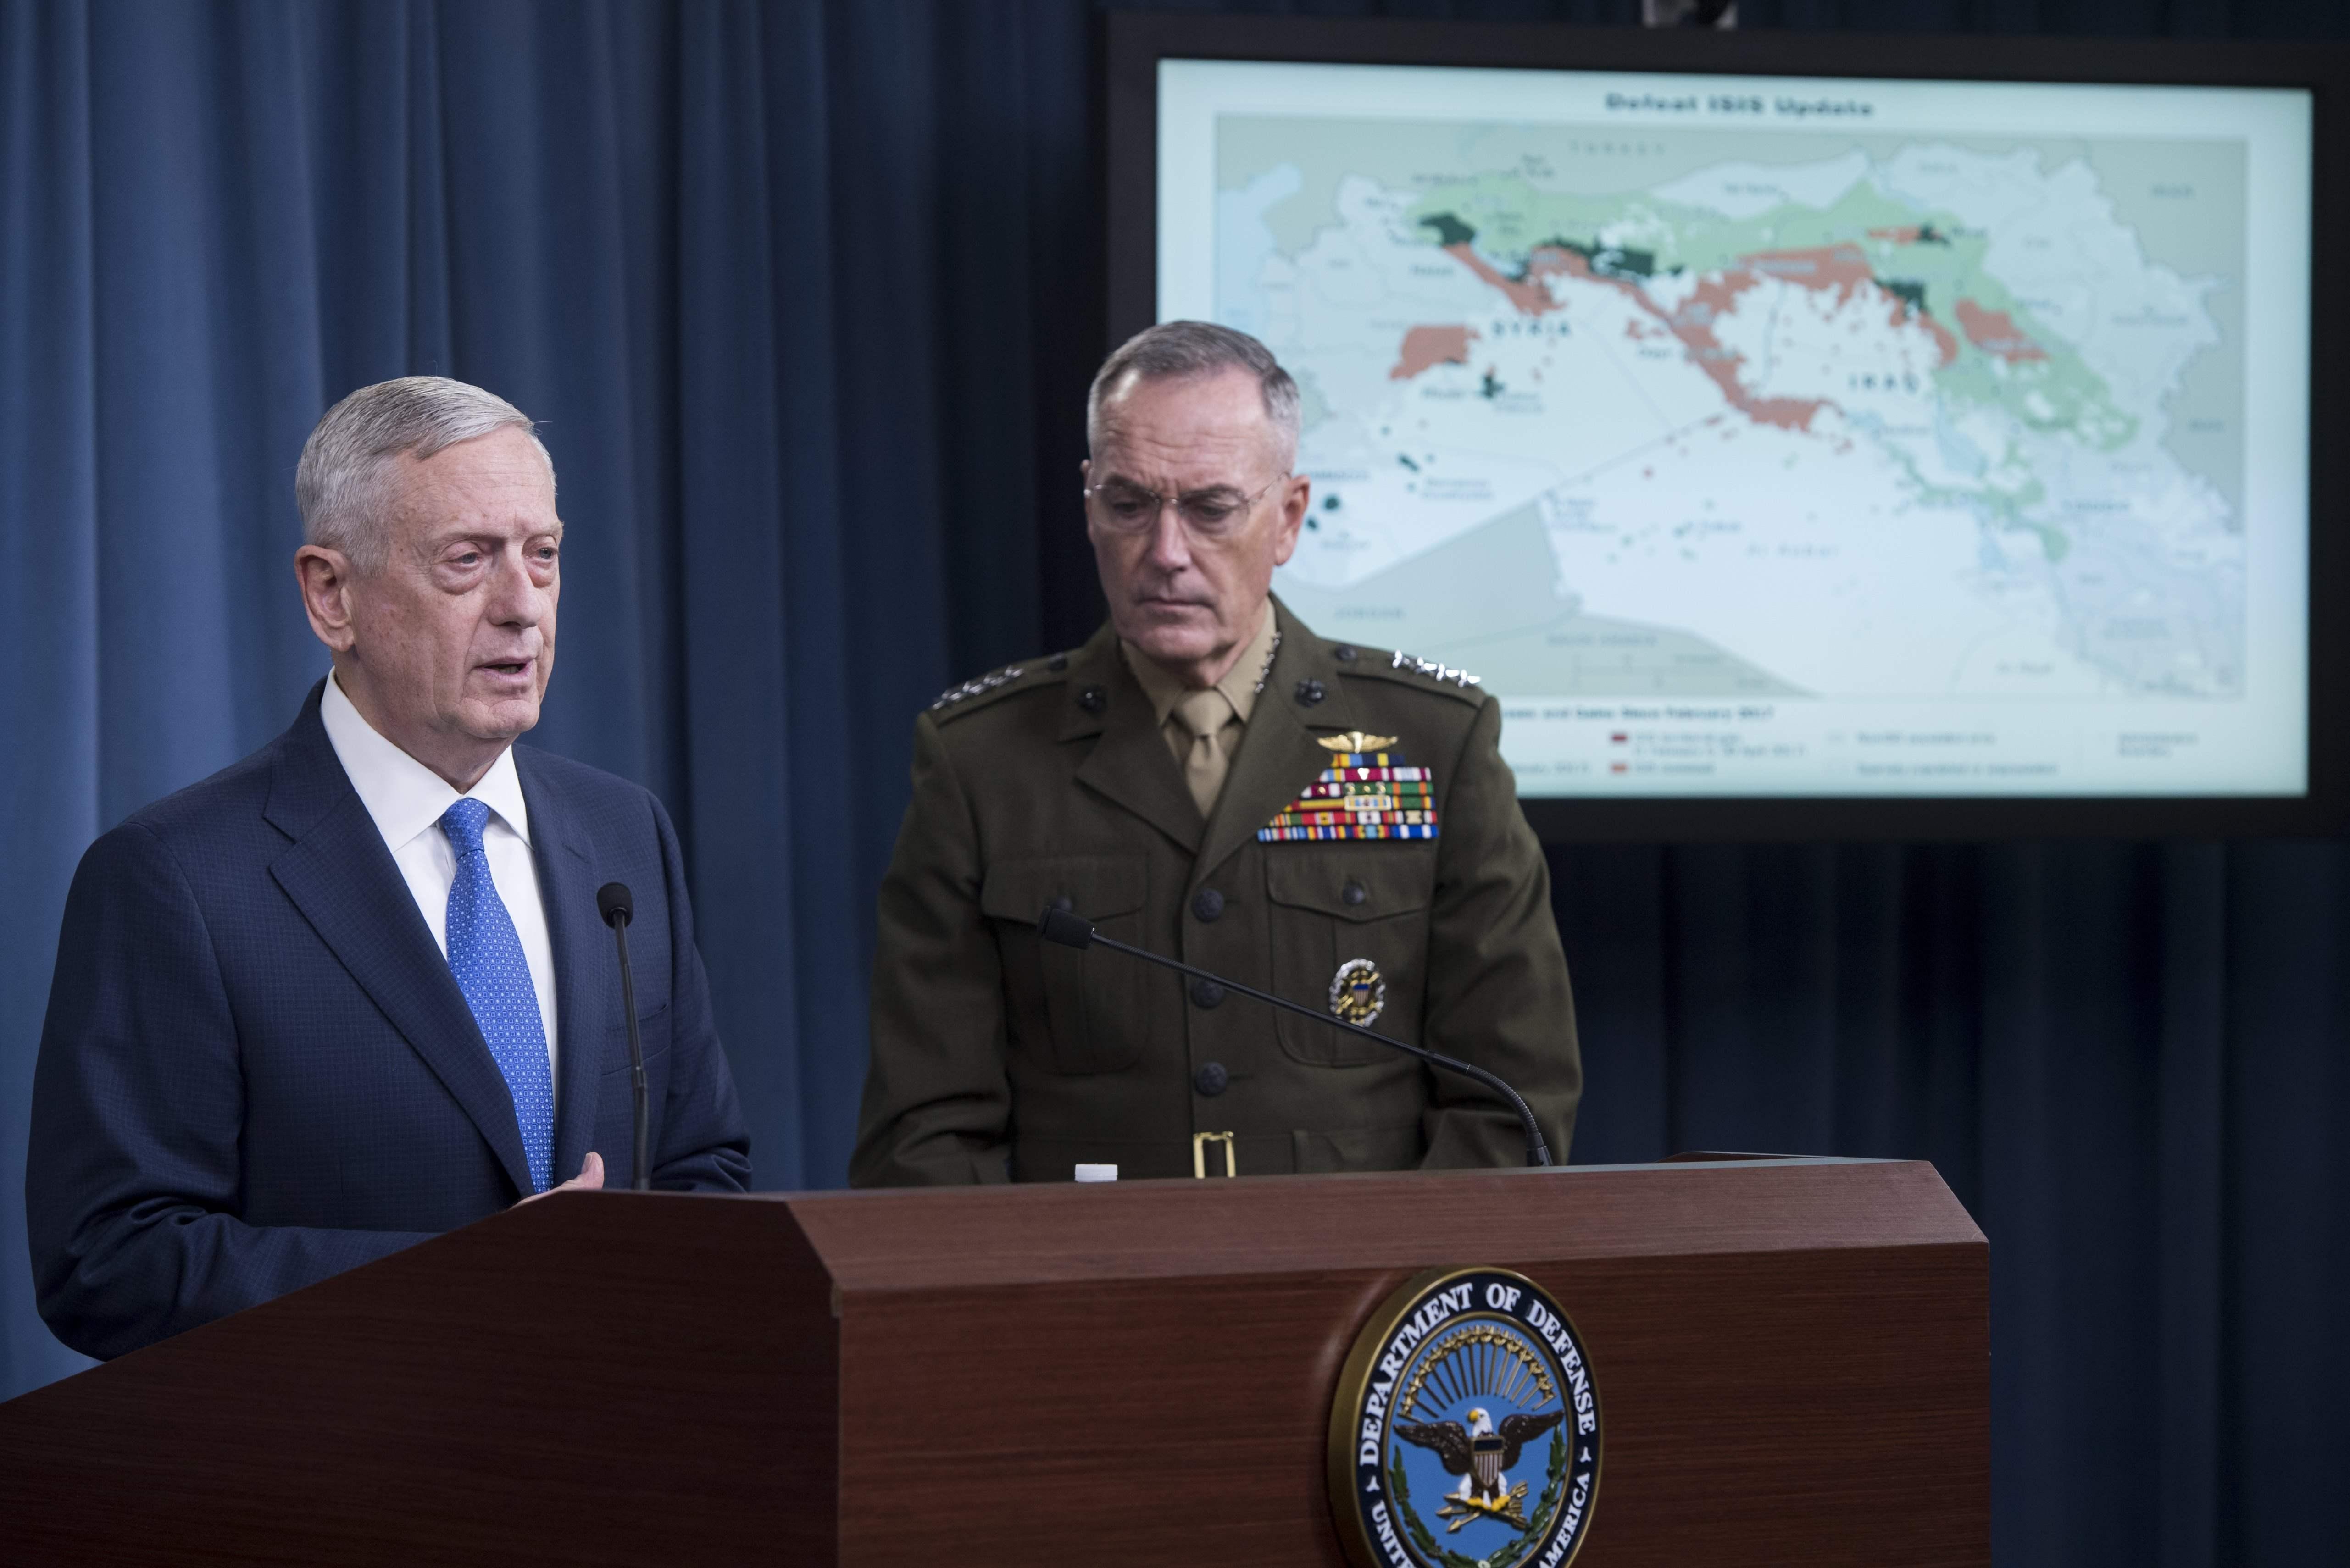 وزير الدفاع الأمريكي والجنرال جوزيف دانفورد